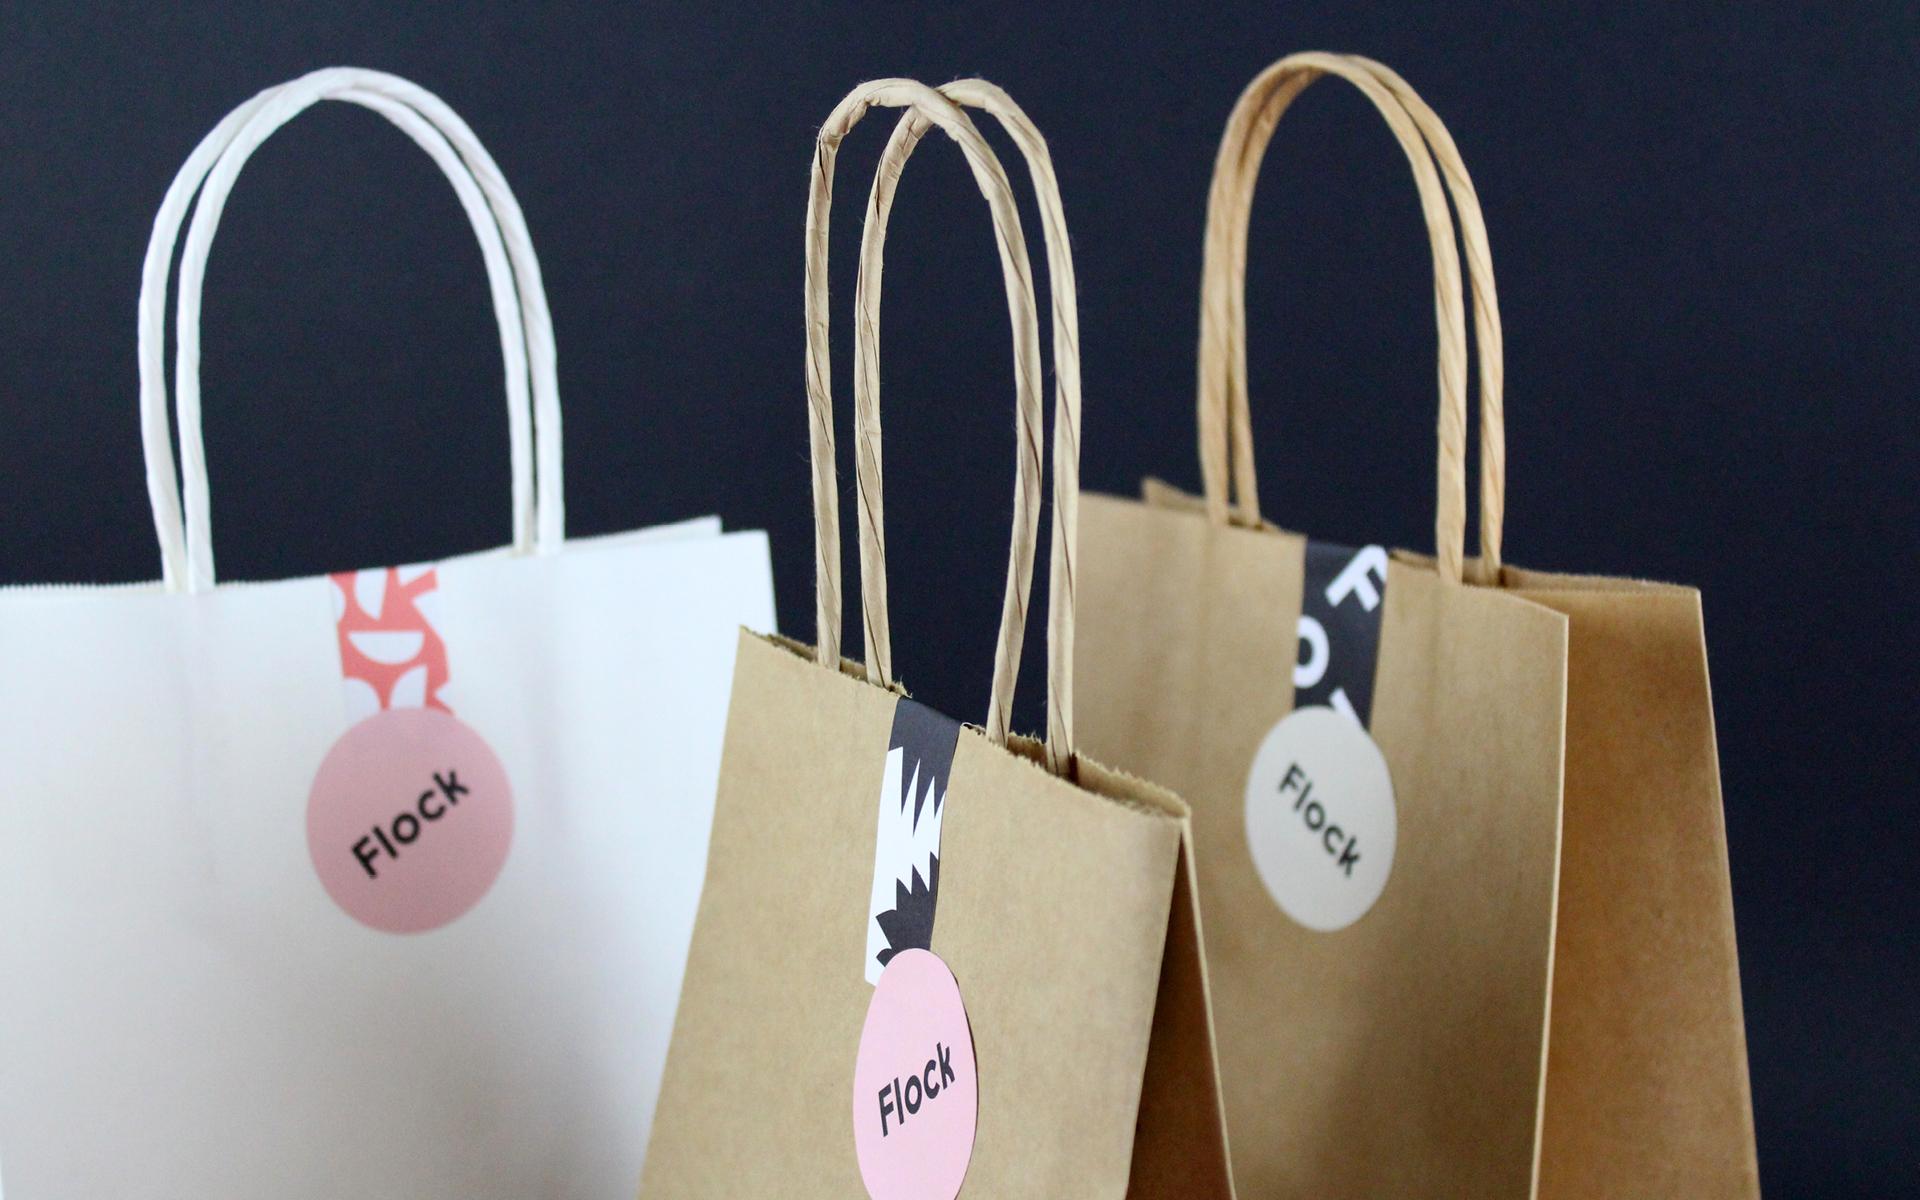 Flock branded bags packaging